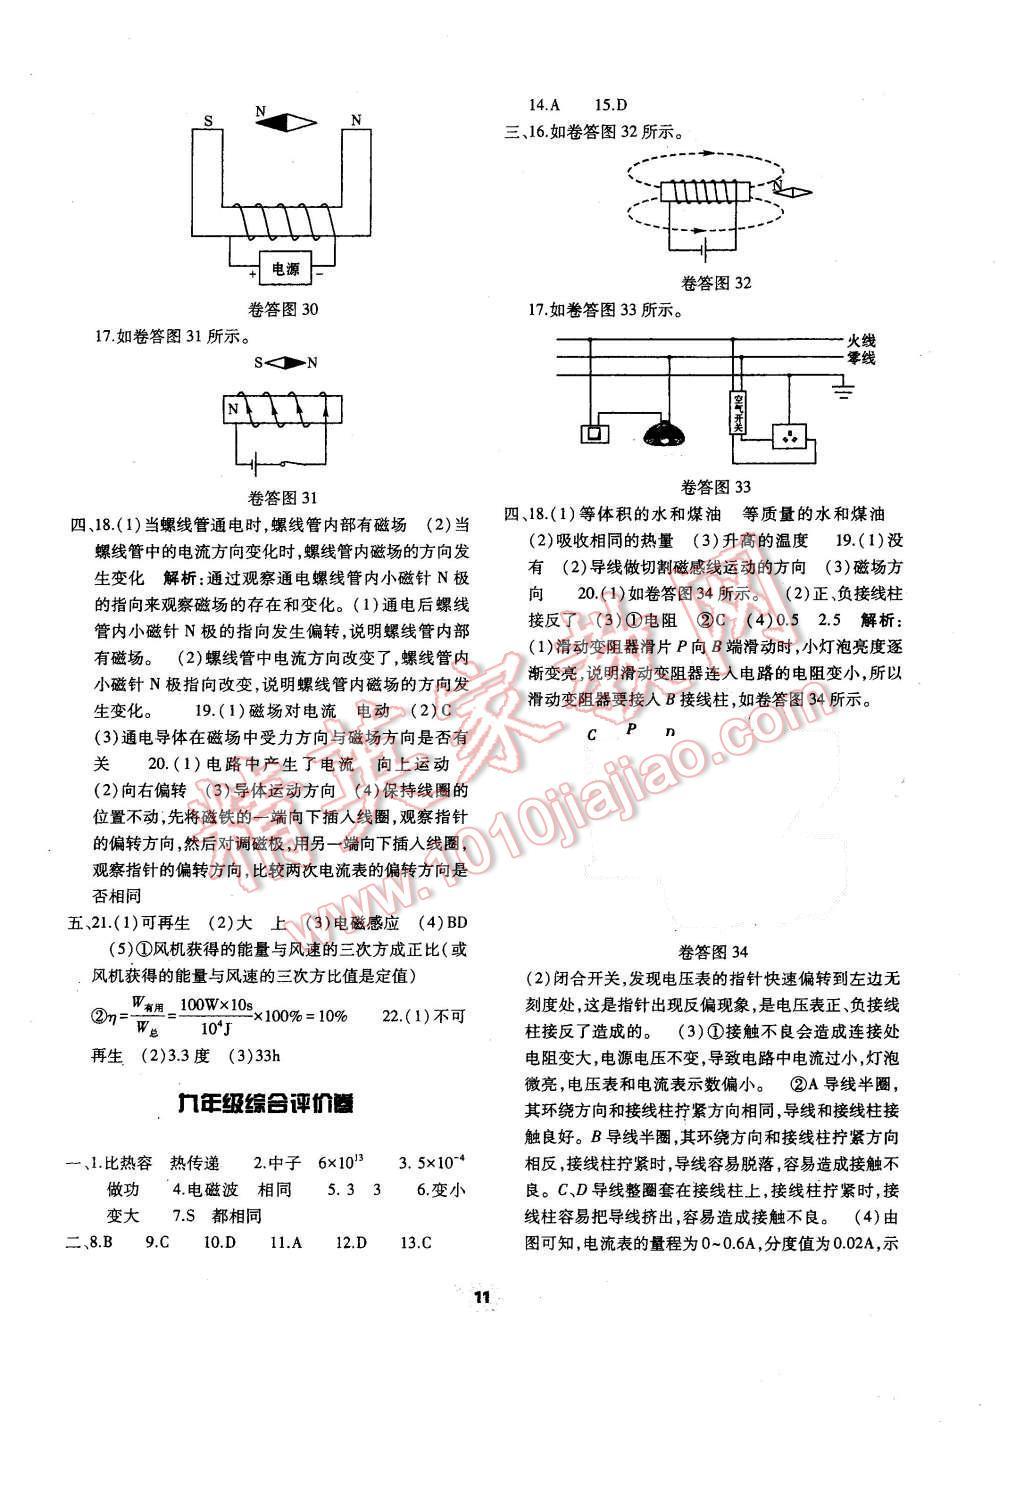 2015年基础训练九年级物理全一册人教版河南省内使用单元评价卷参考答案第11页